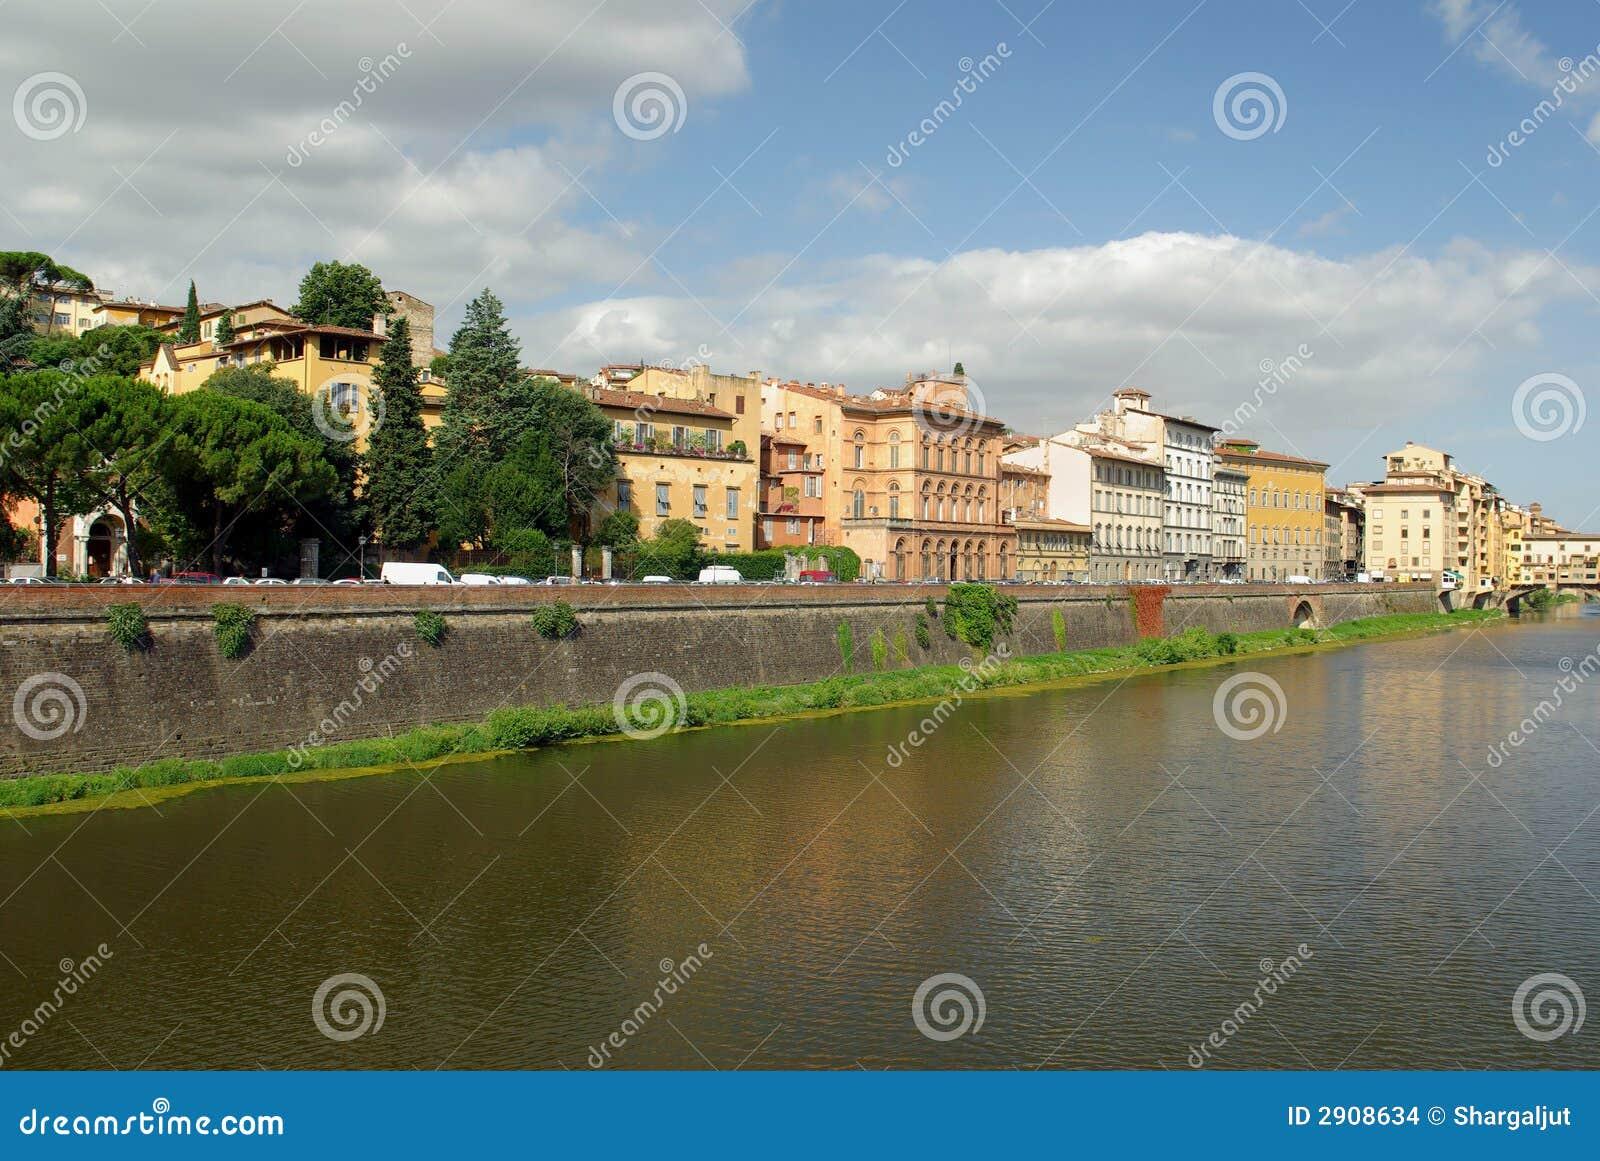 Arno florence italy flod